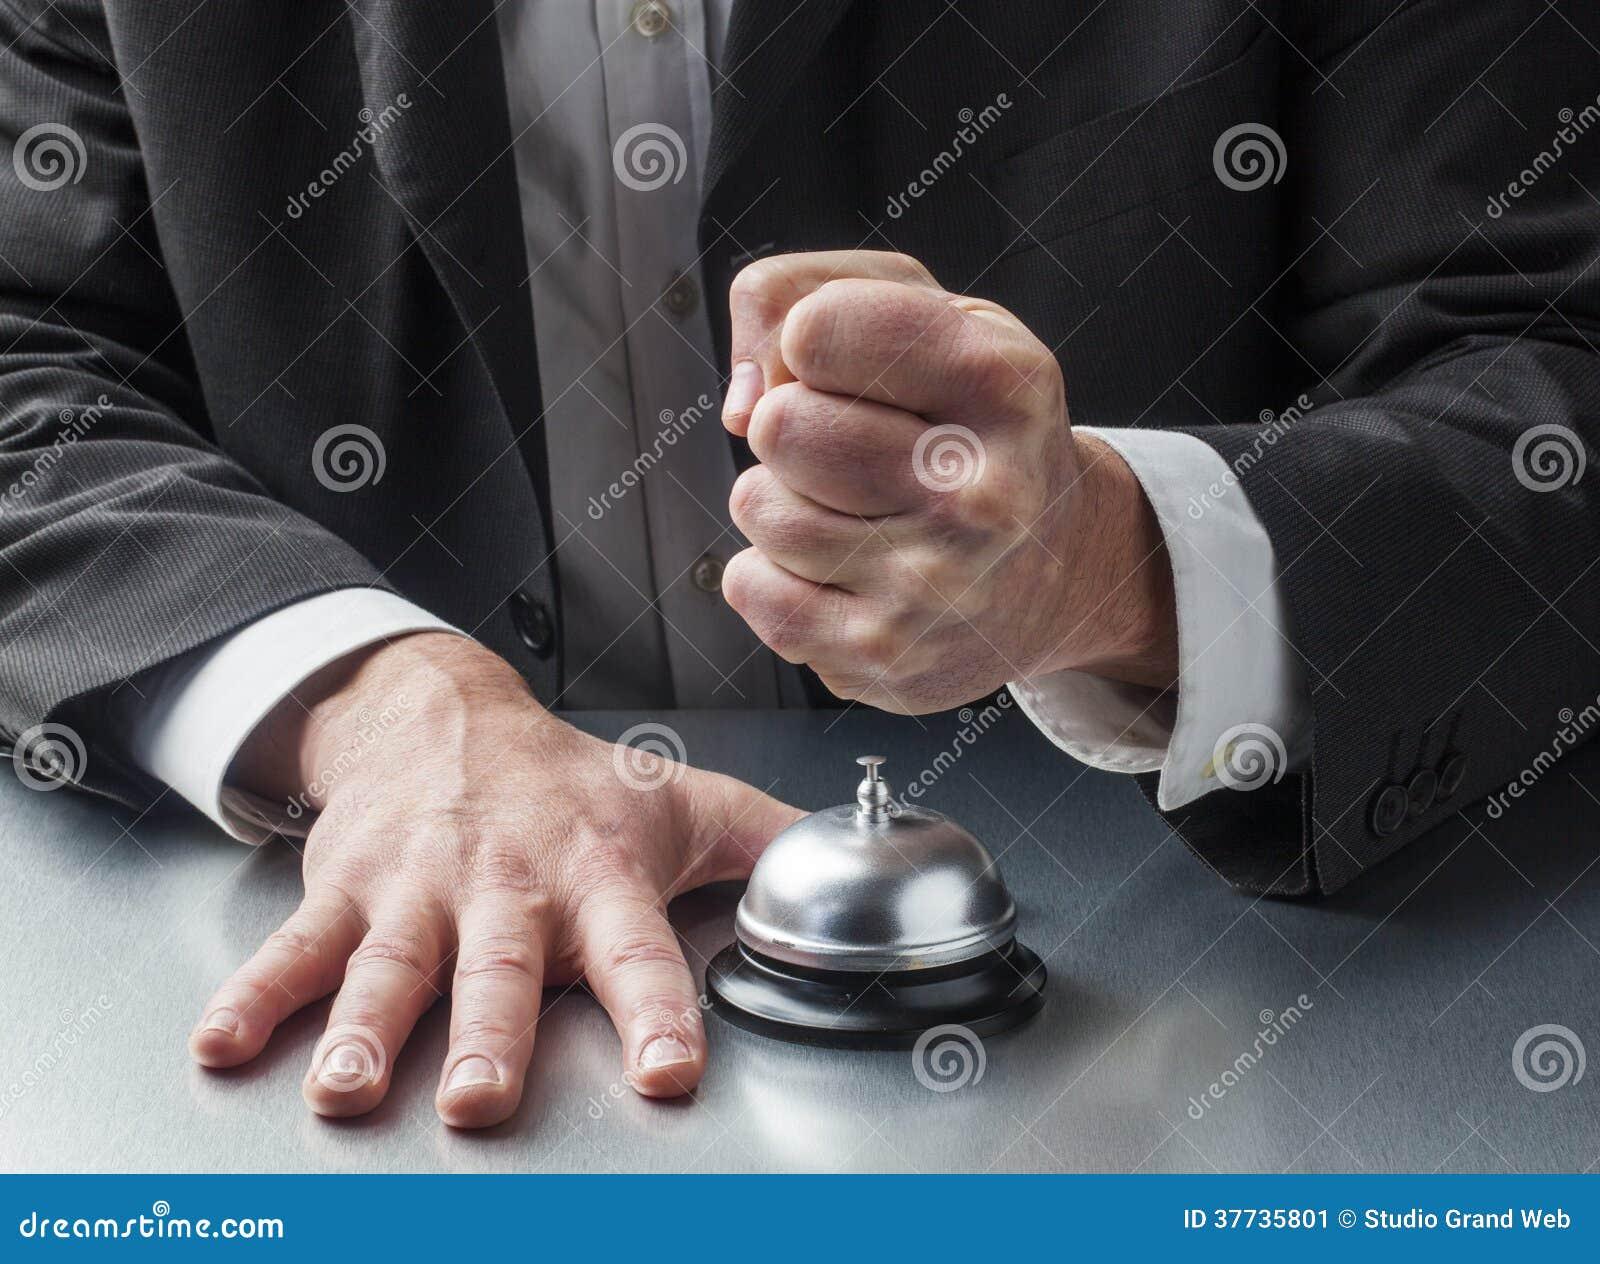 Violencia en servicio de atención al cliente